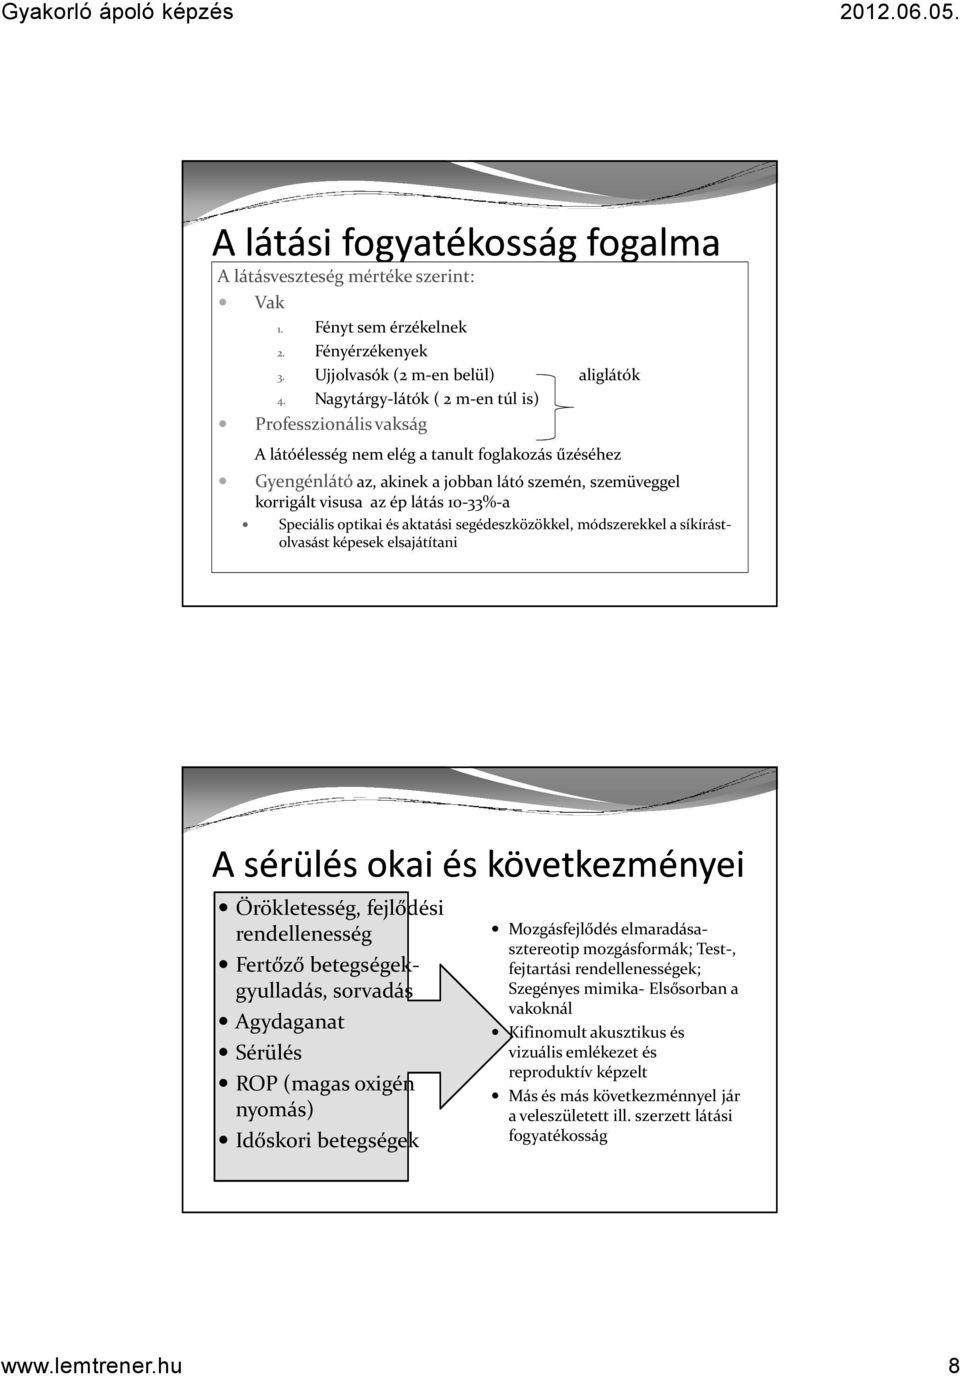 3 fokos magas vérnyomás fogyatékosság